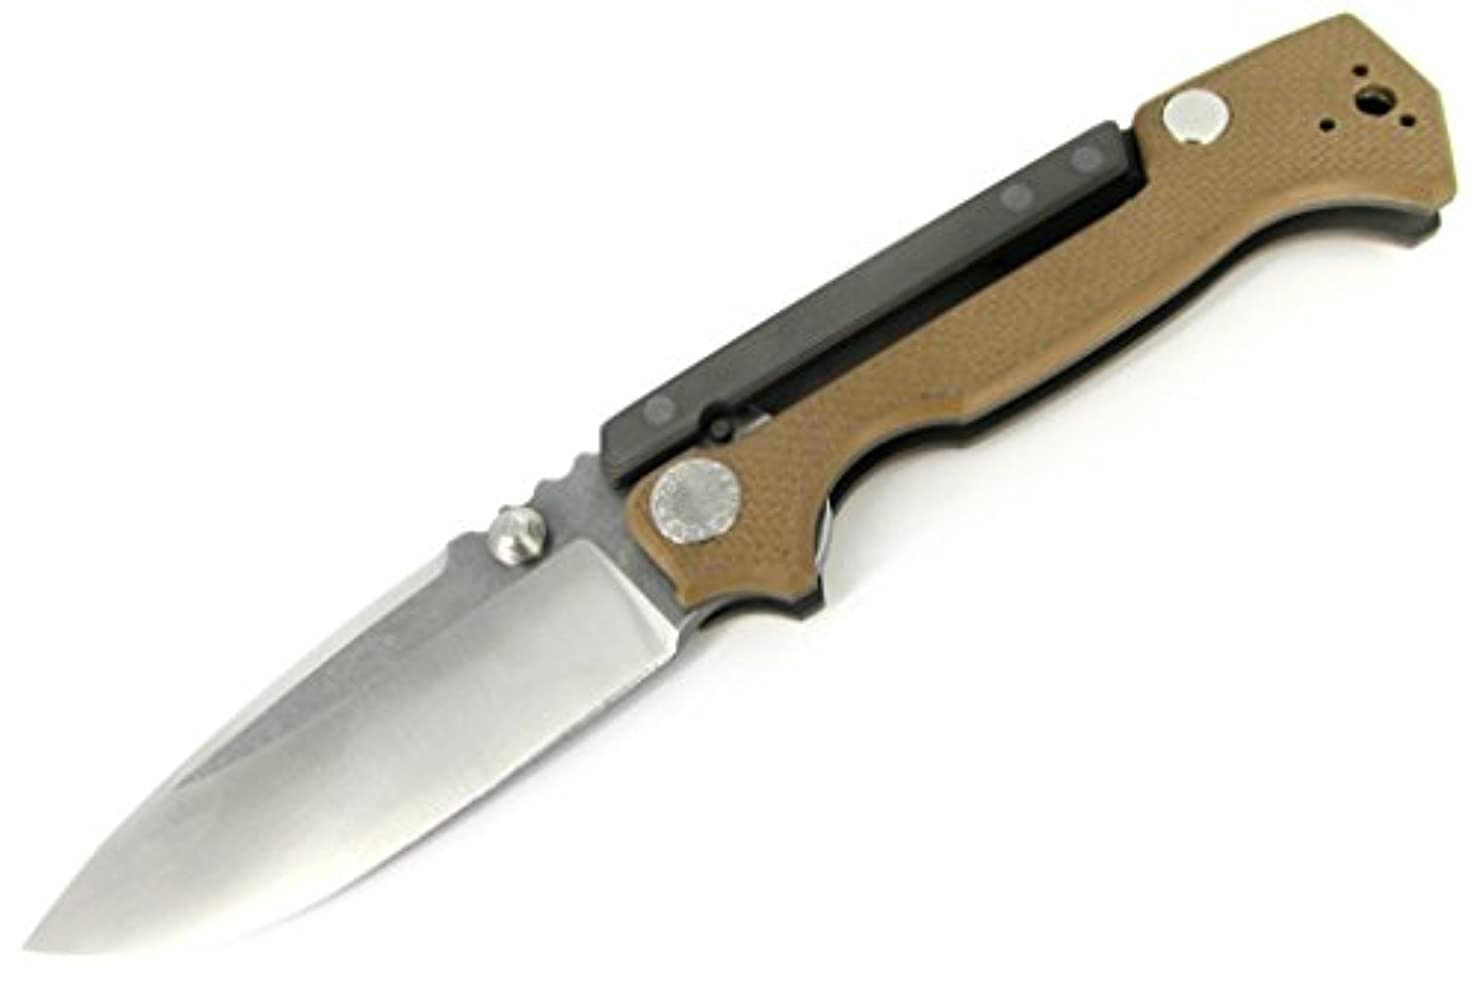 活発逃れるパースブラックボロウDemko Knives MG ad-15フォルダナイフタンg-10 Scales w / Full Ti Uppers新しいScorpionロック